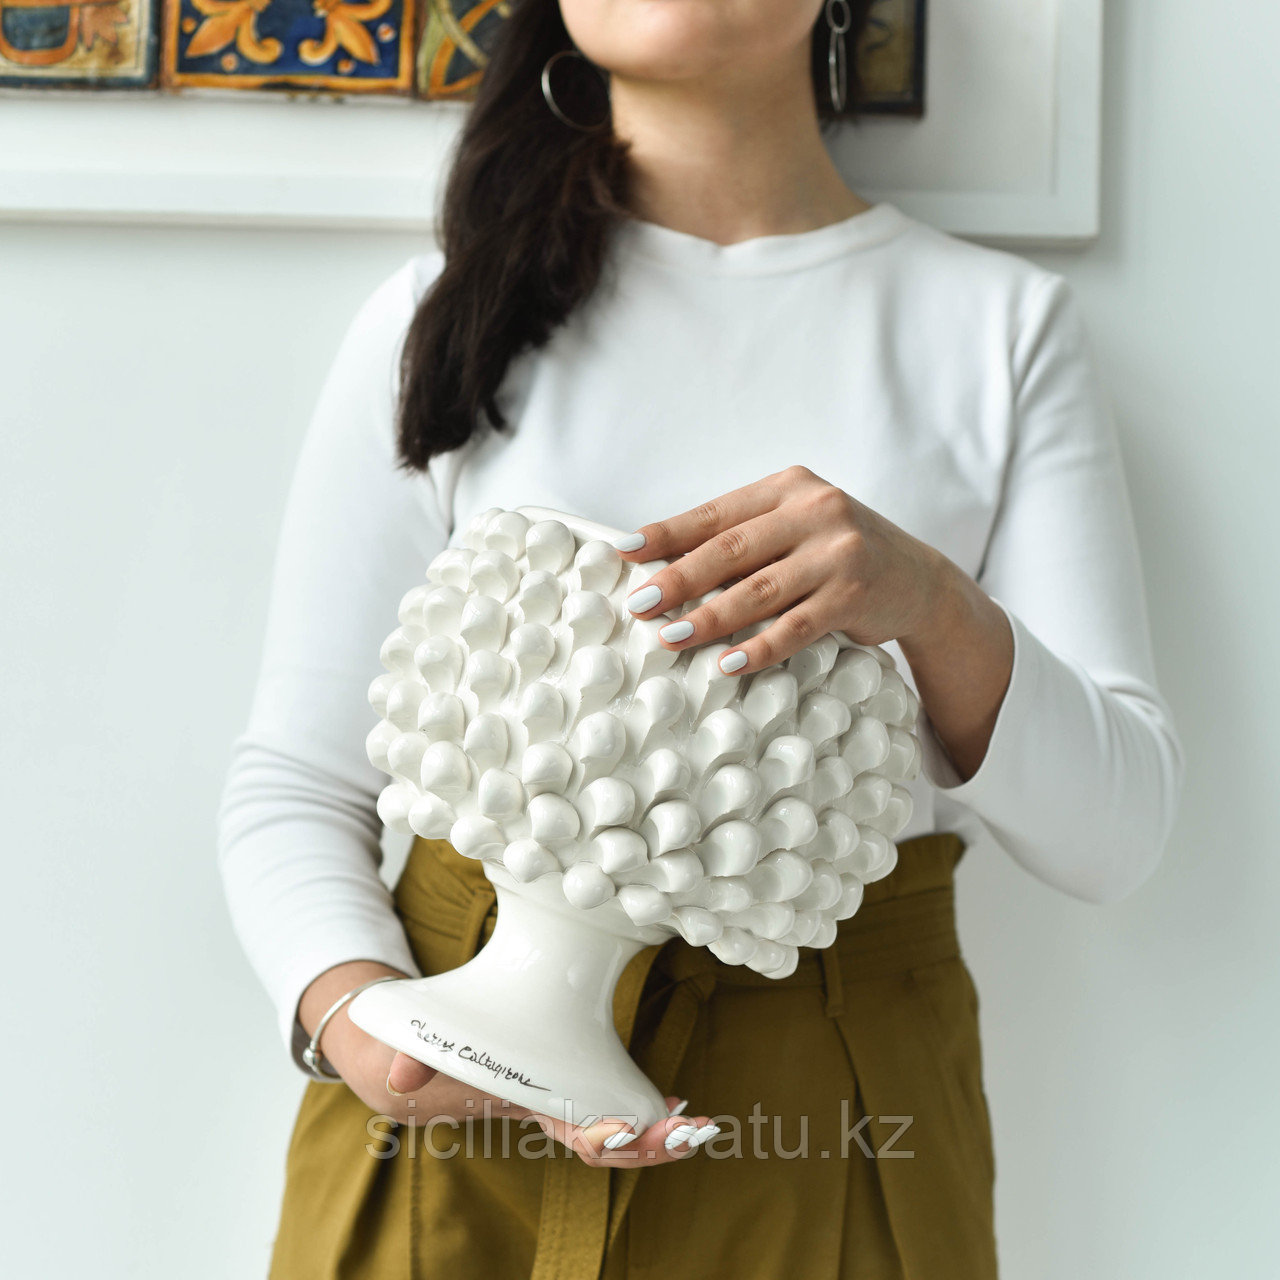 Декоративная Ваза Пигна ручной работы, керамика. Италия - фото 2